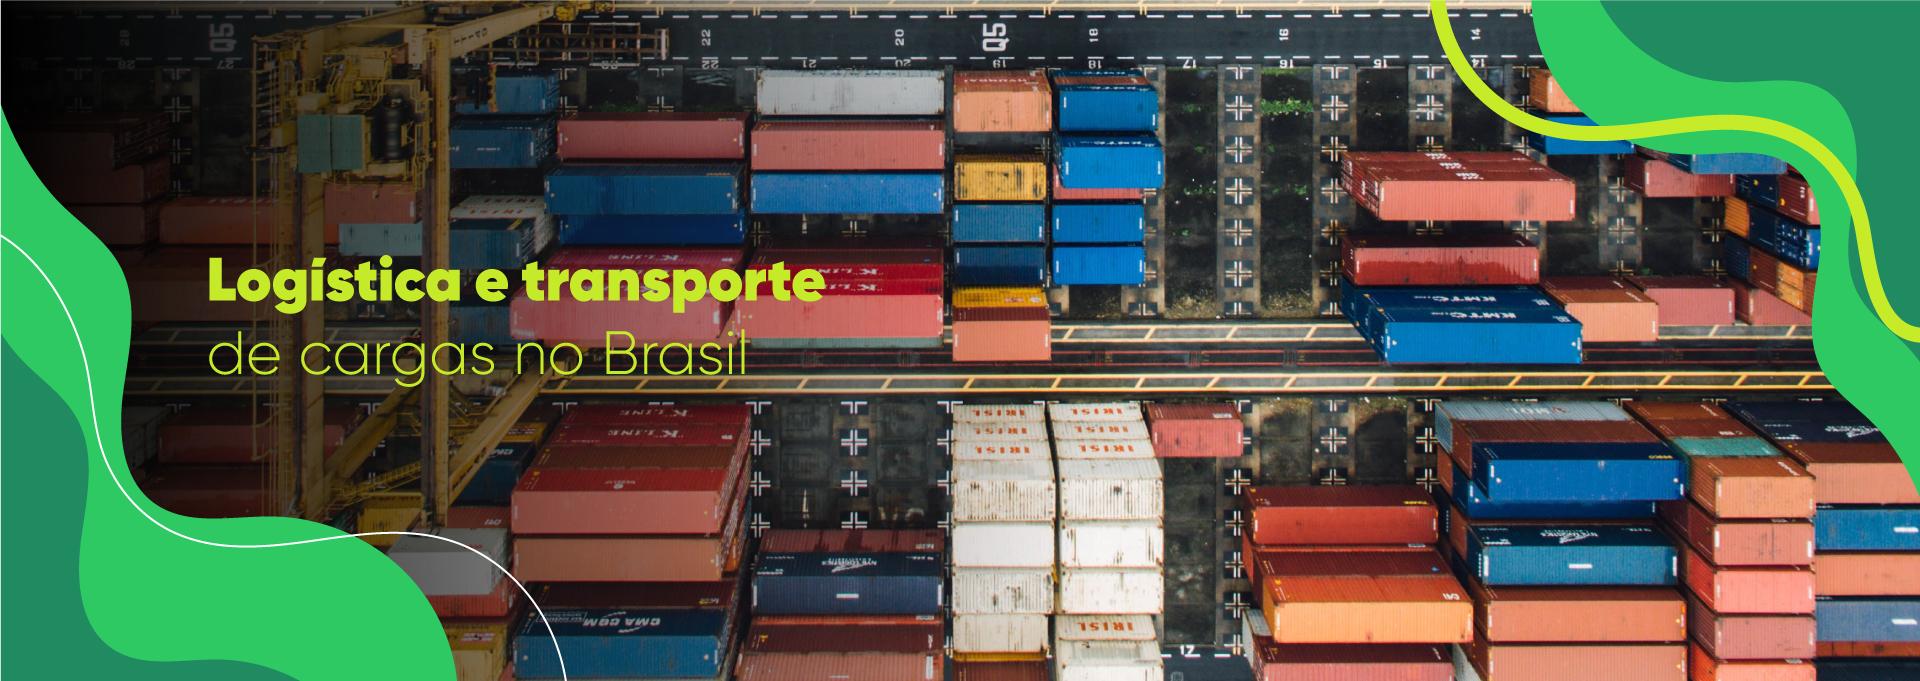 logística e transporte de cargas no brasil